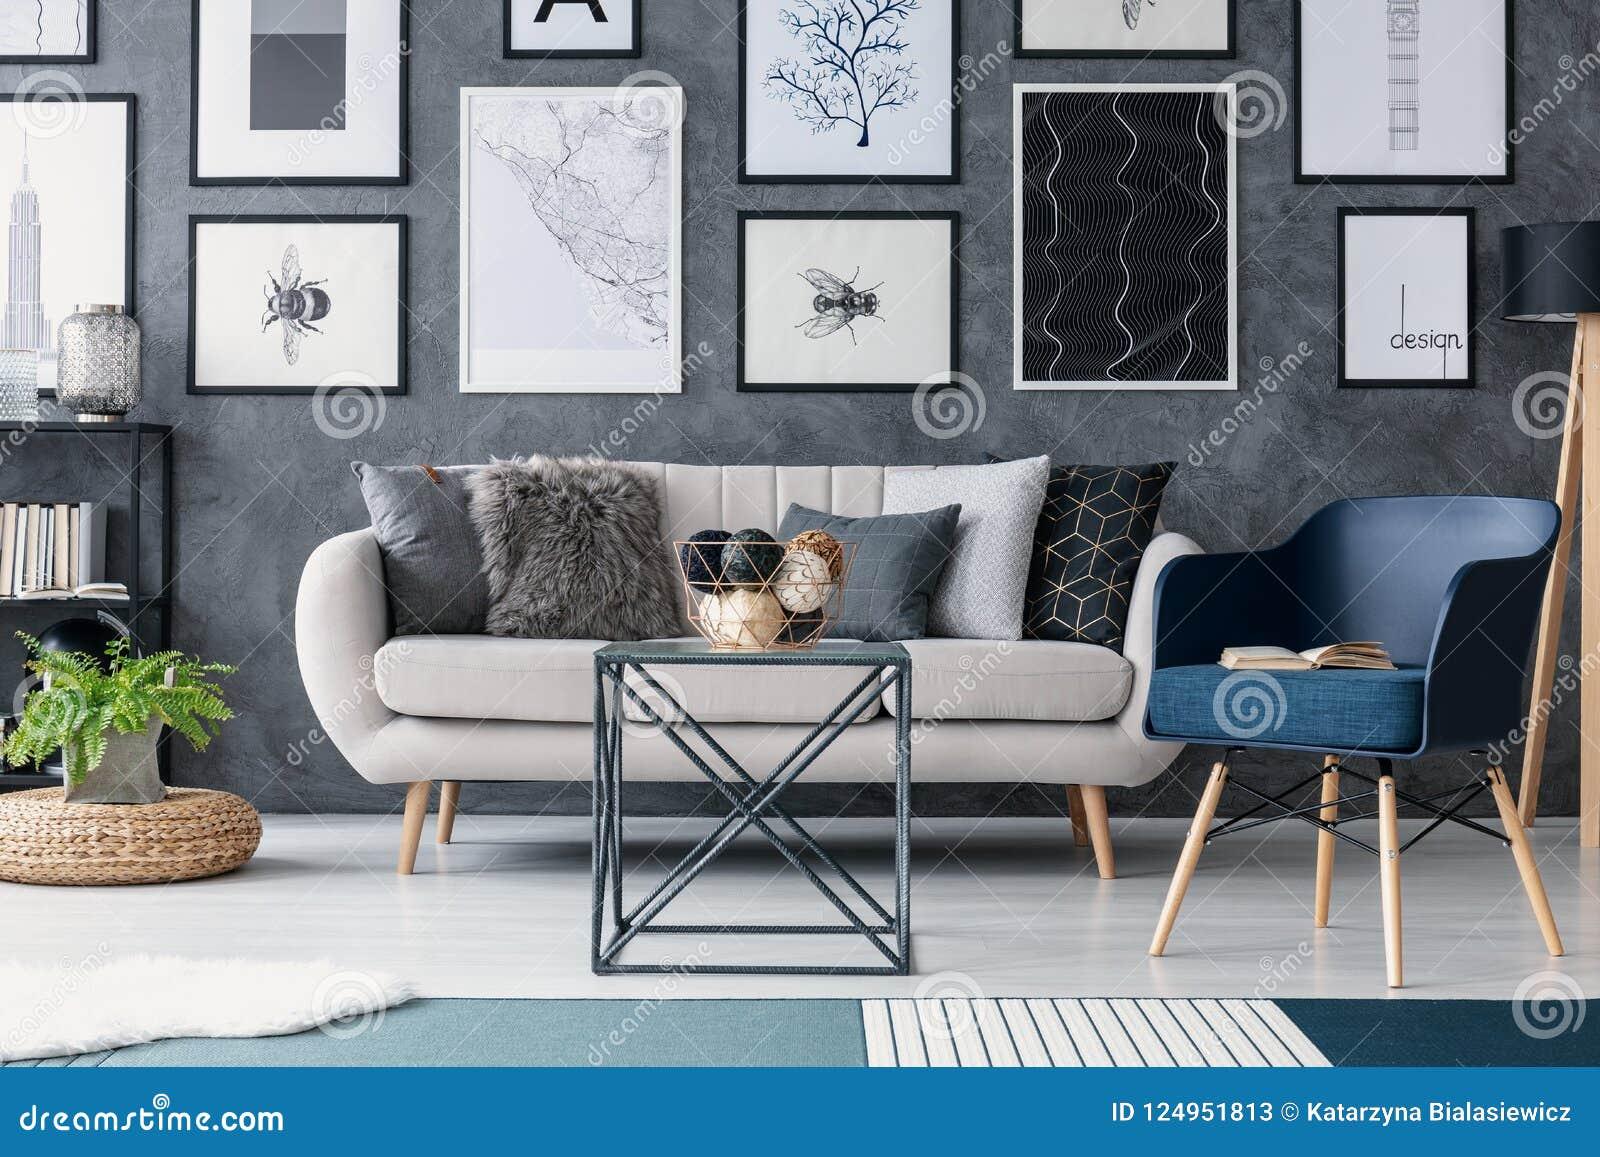 Poltrona azul ao lado do sofá e da tabela no interior da sala de visitas com cartazes e planta no pufe Foto real